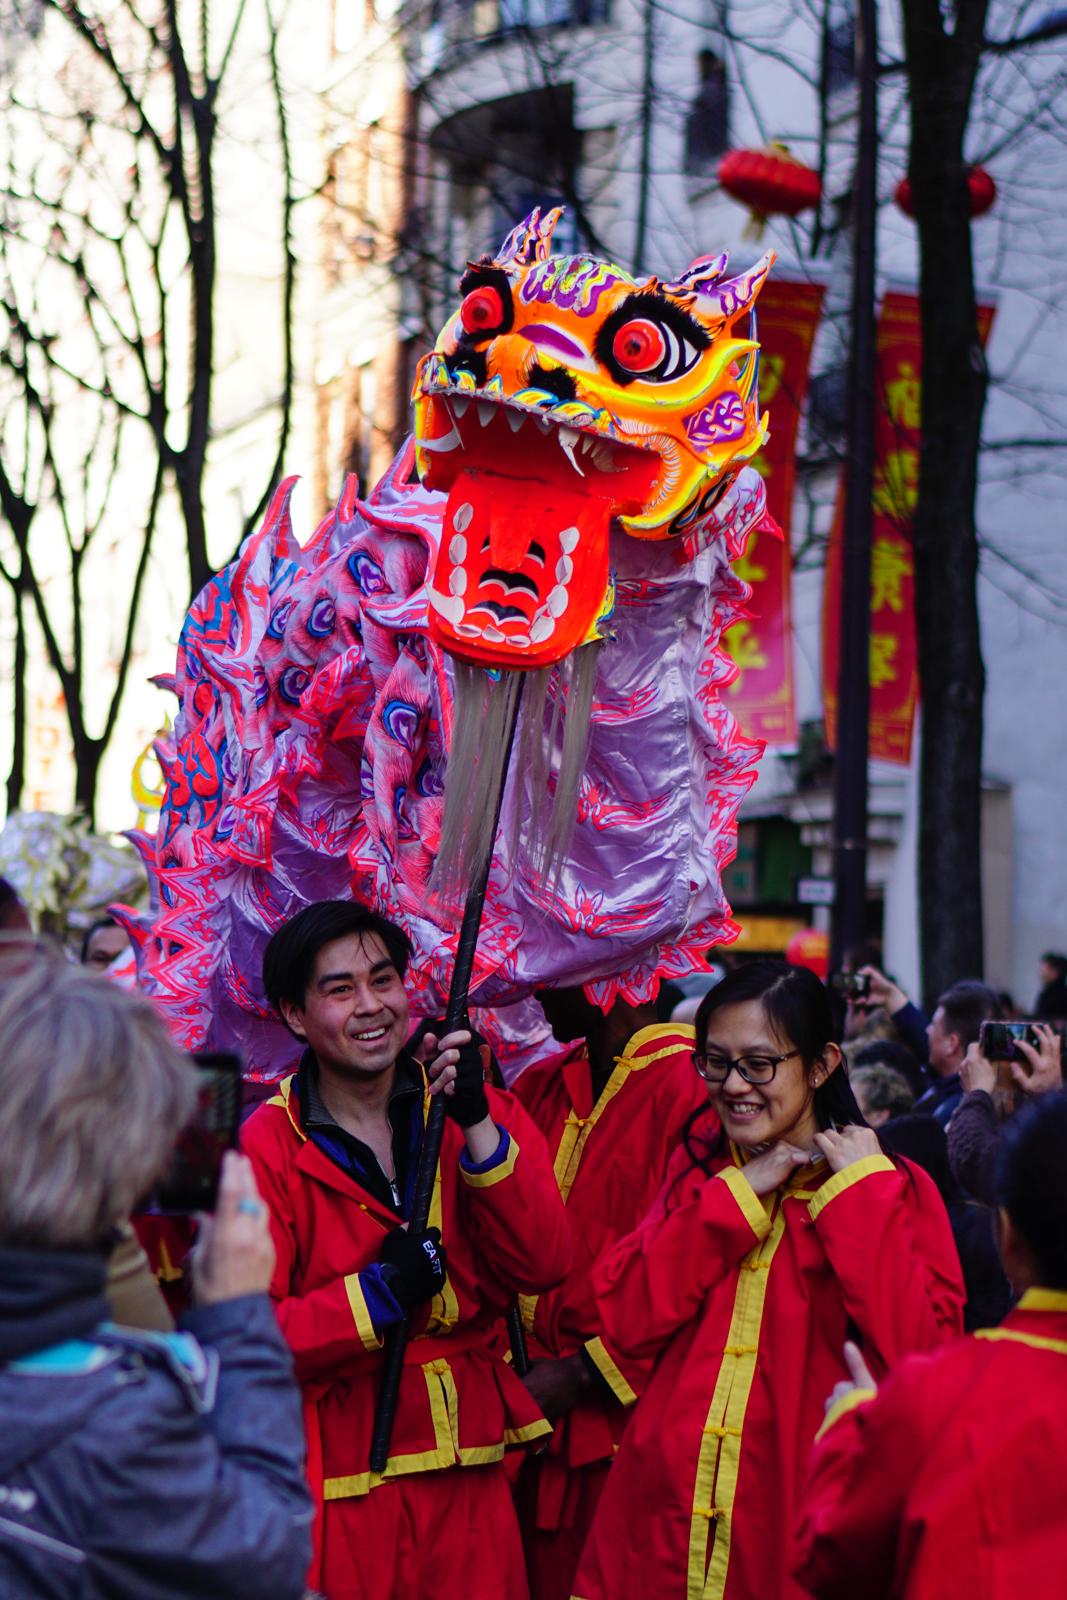 nouvel an chinois paris, nouvel an chinois, nouvel an chinois 2019, paris chinatown, année cochon, festivités paris, défilé paris, cortège paris, chinese new year paris